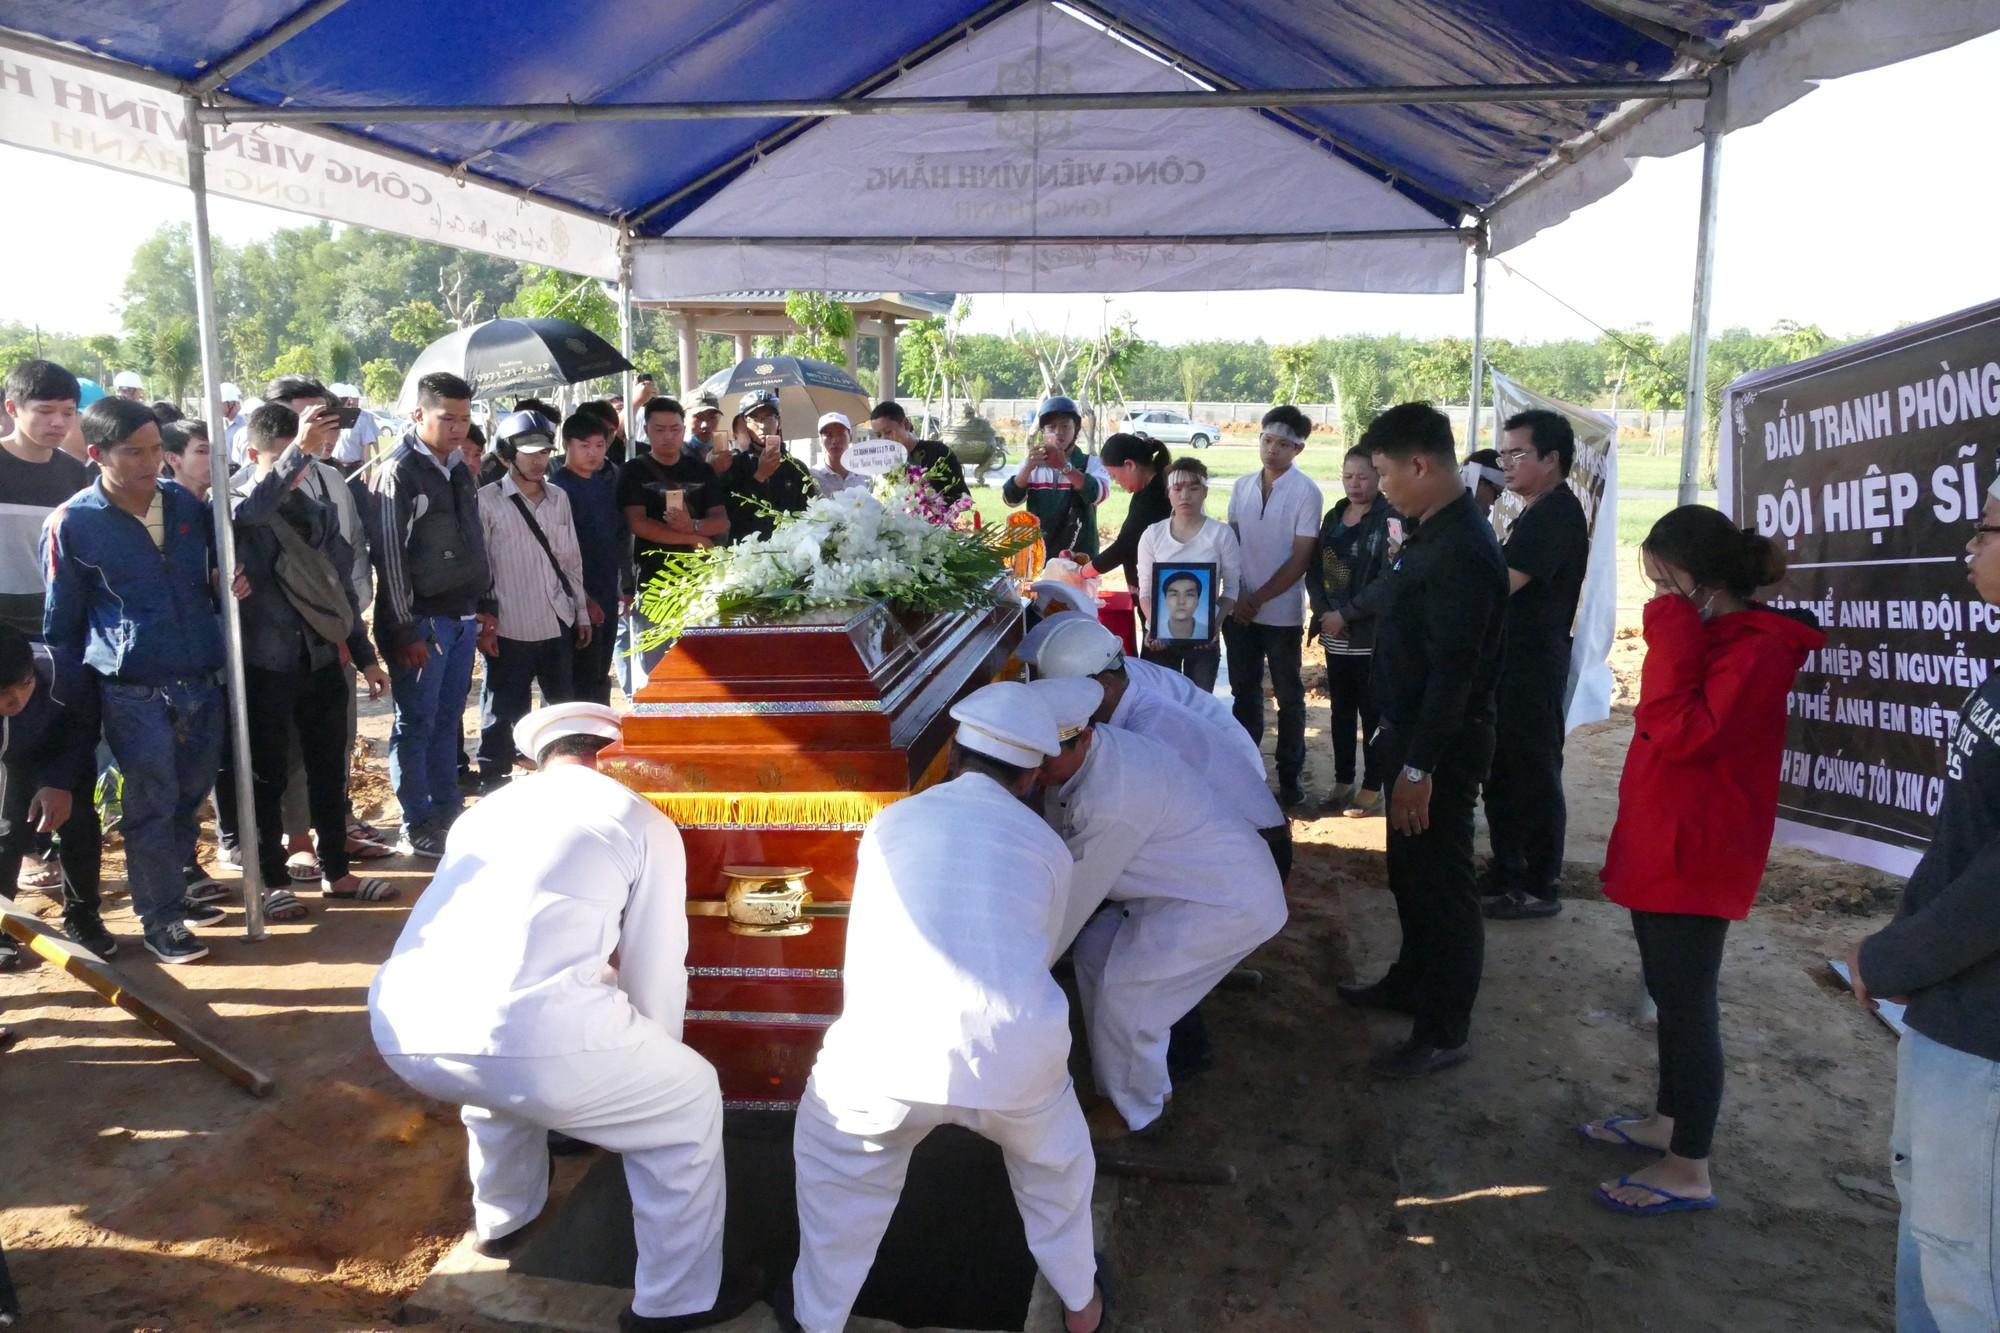 Người vợ chưa kịp mặc áo cưới của hiệp sĩ bị đâm tử vong ở Sài Gòn khóc nghẹn trong lễ tang chồng  - Ảnh 7.